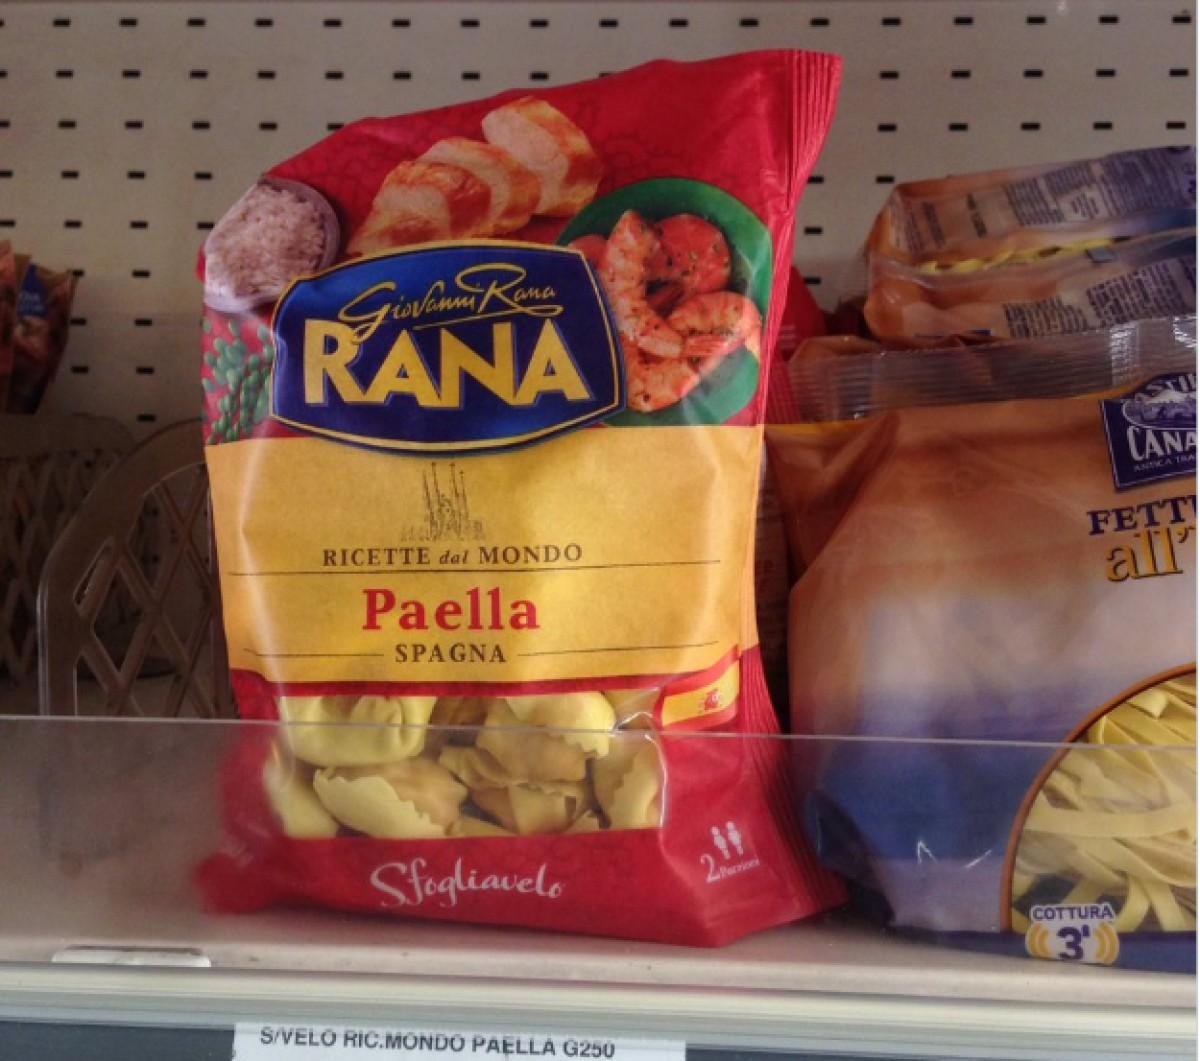 La pasta de paella, un nou atreviment culinari